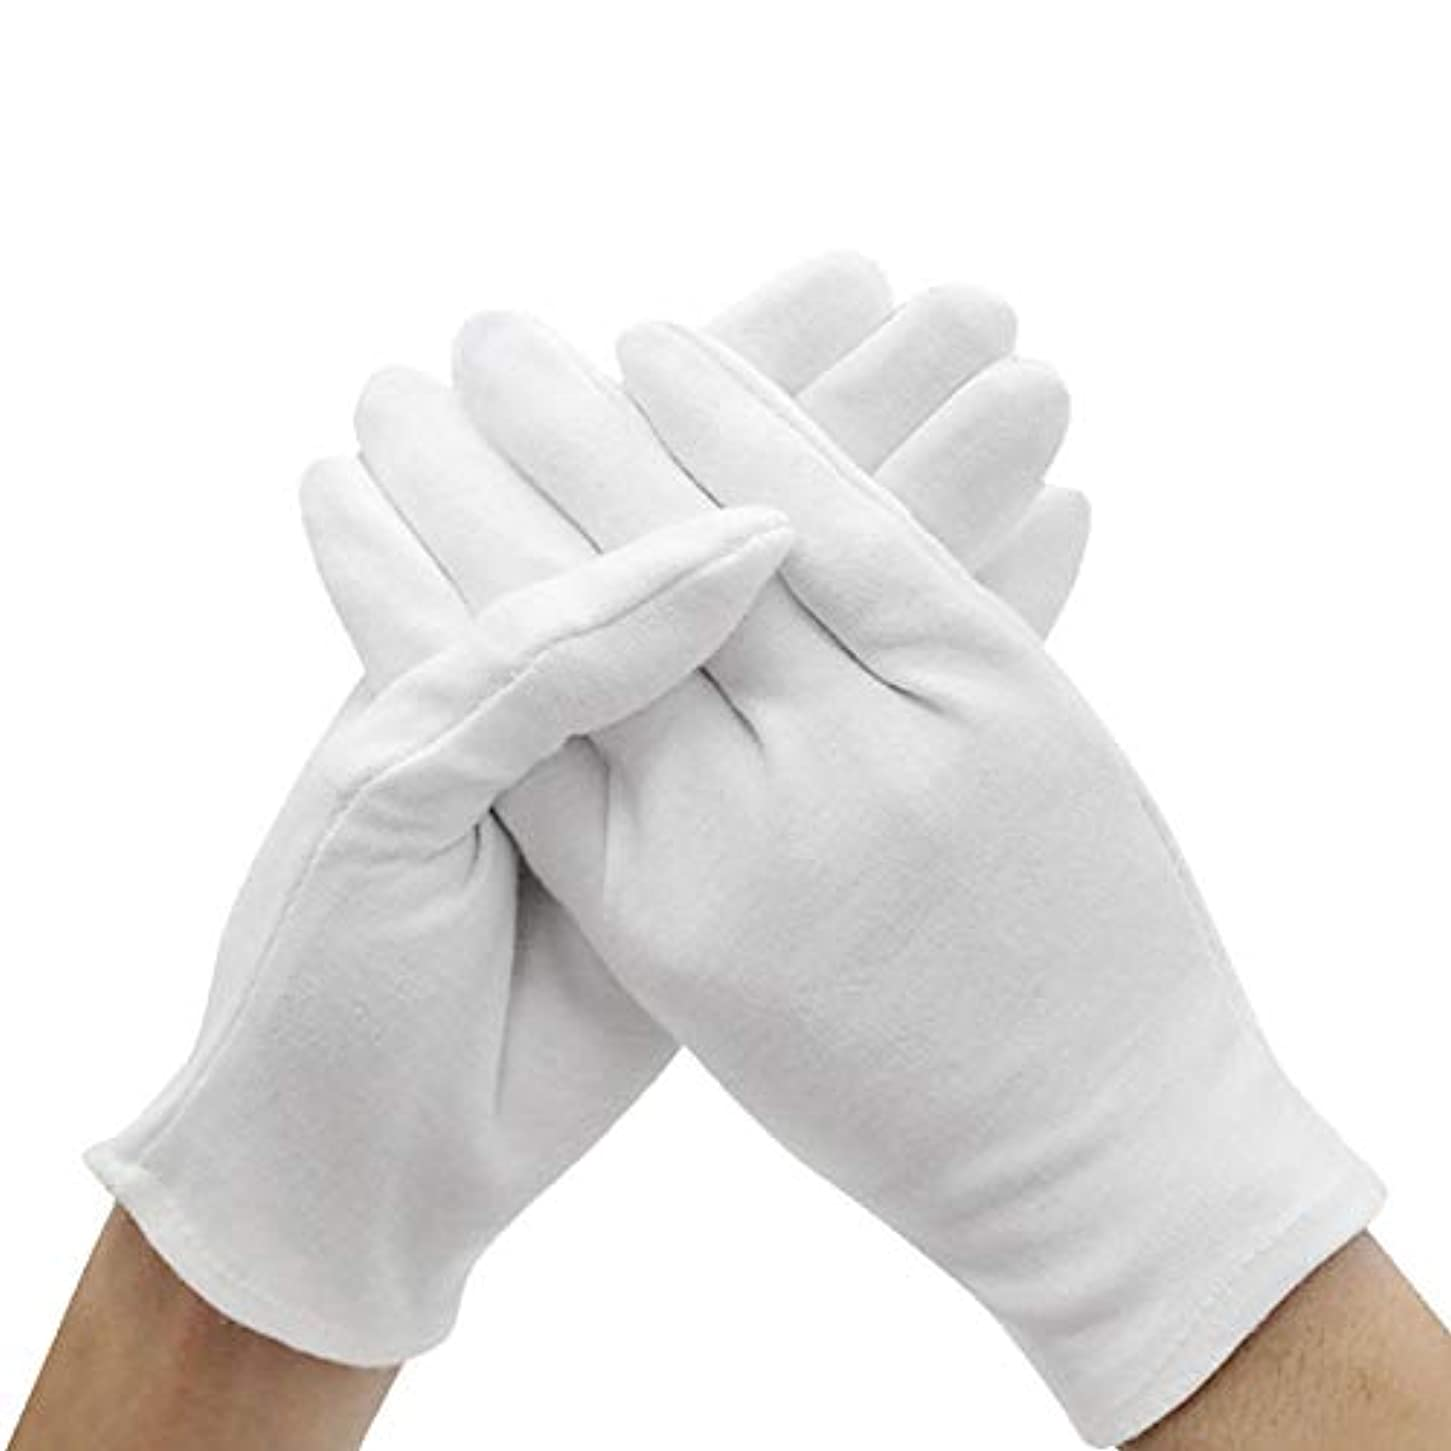 差別的慎重他の場所コットン手袋 綿 手荒れ予防 【湿疹用 乾燥肌用 保湿用 礼装用】純綿100% 白手袋 作業用 インナー手袋,ワンサイズ,エチケットの機会